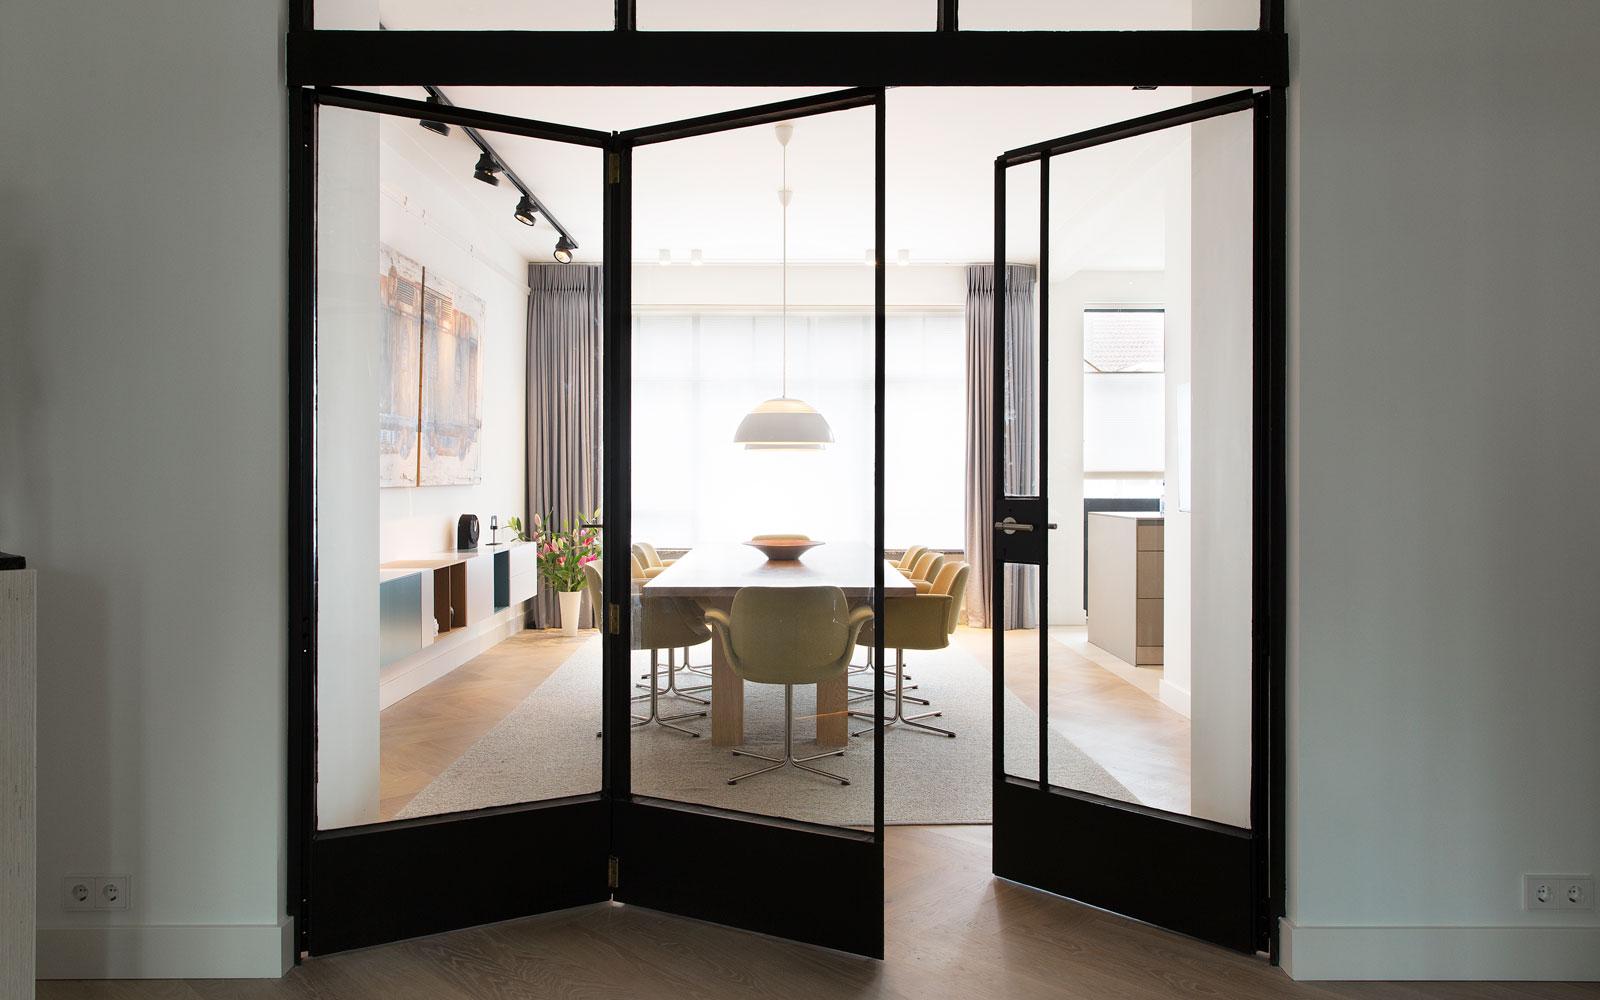 Eetkamer, houten tafel, visgraat parket, stalen deuren, doorkijk, ruimtelijk, stadsappartement, BNLA architecten